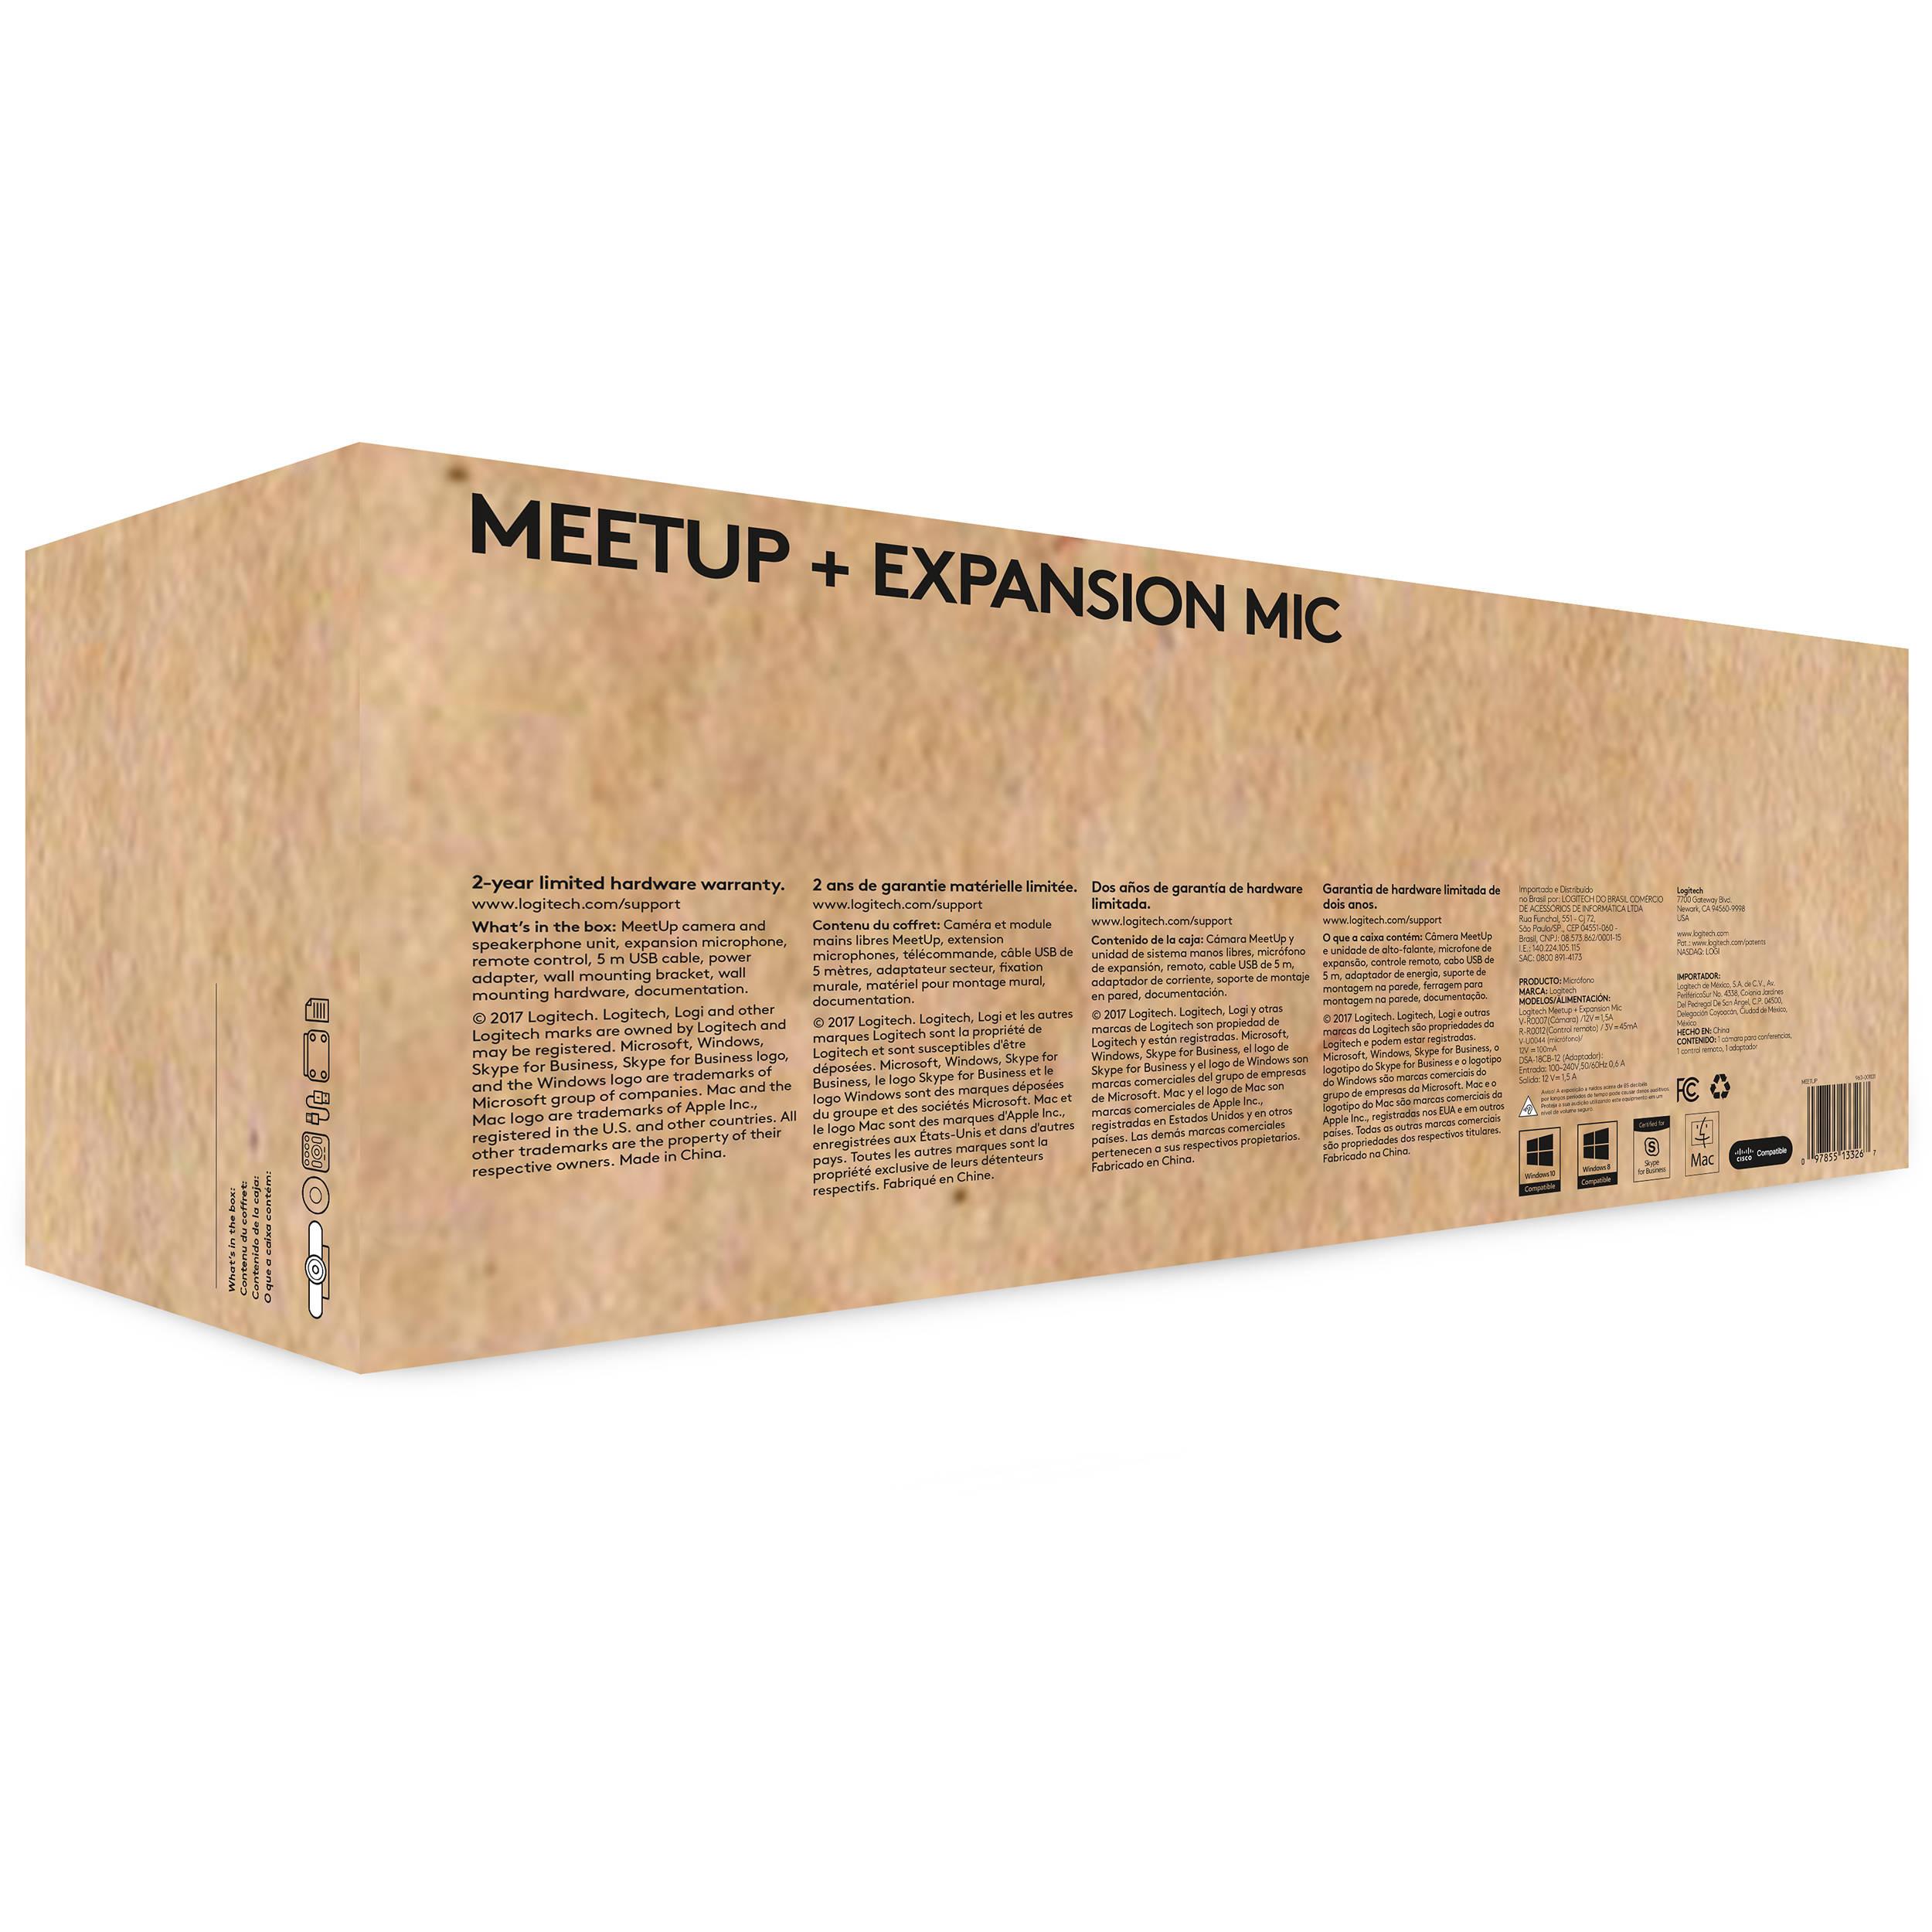 Logitech Meetup 4k Conferencecam Expansion Mic Bundle